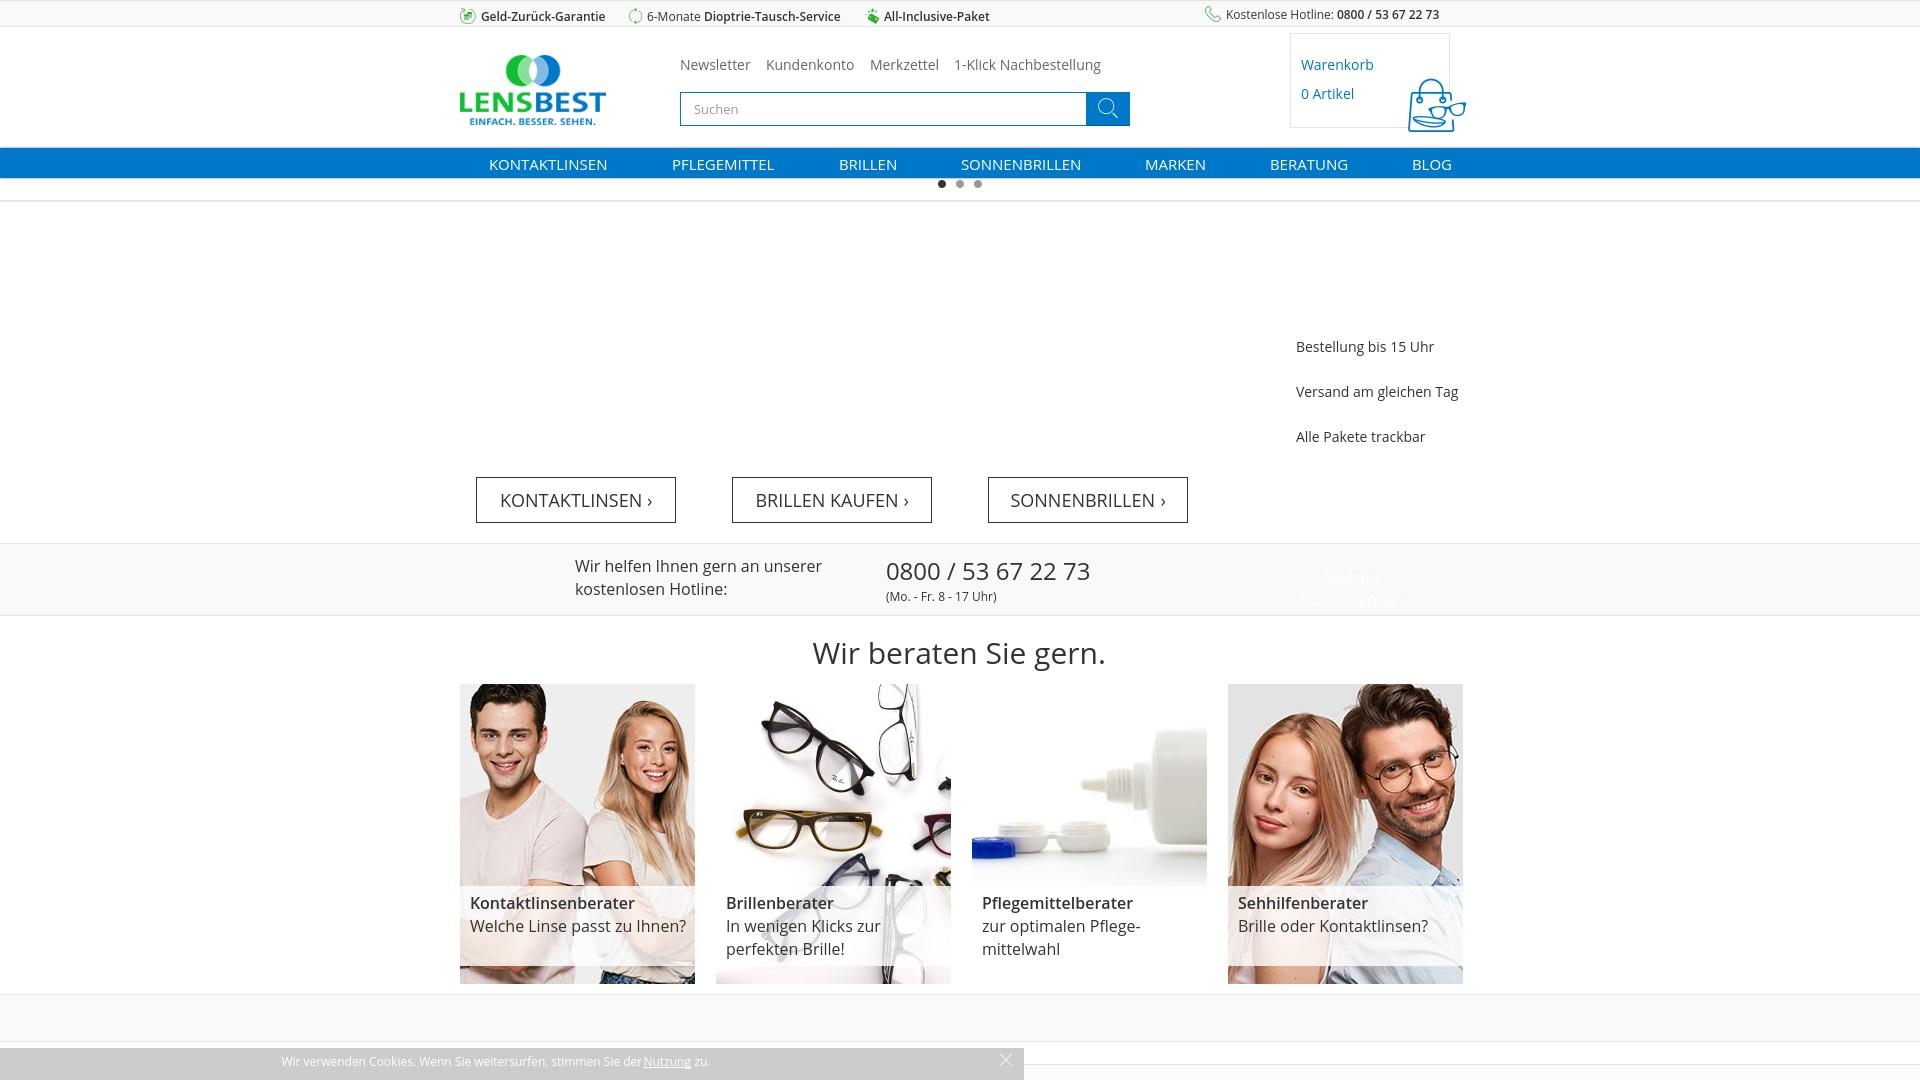 Gutschein für Lensbest: Rabatte für  Lensbest sichern